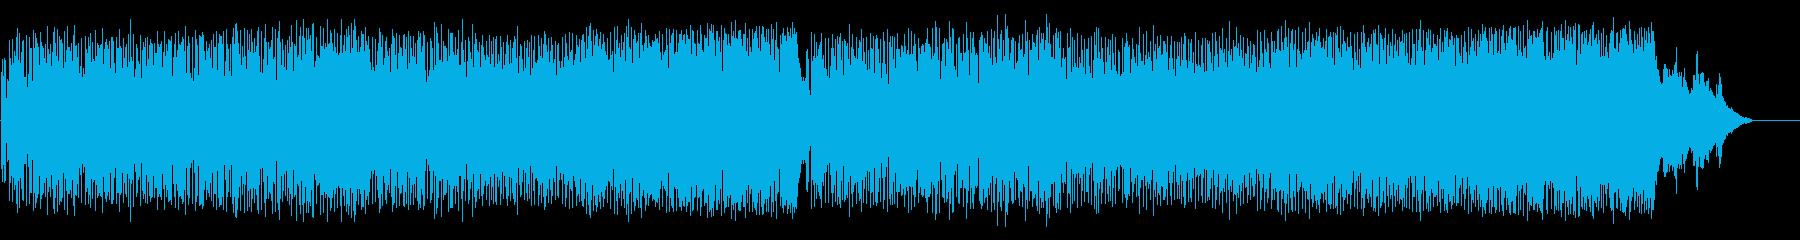 出発のエンディングBGM(フルサイズ)の再生済みの波形